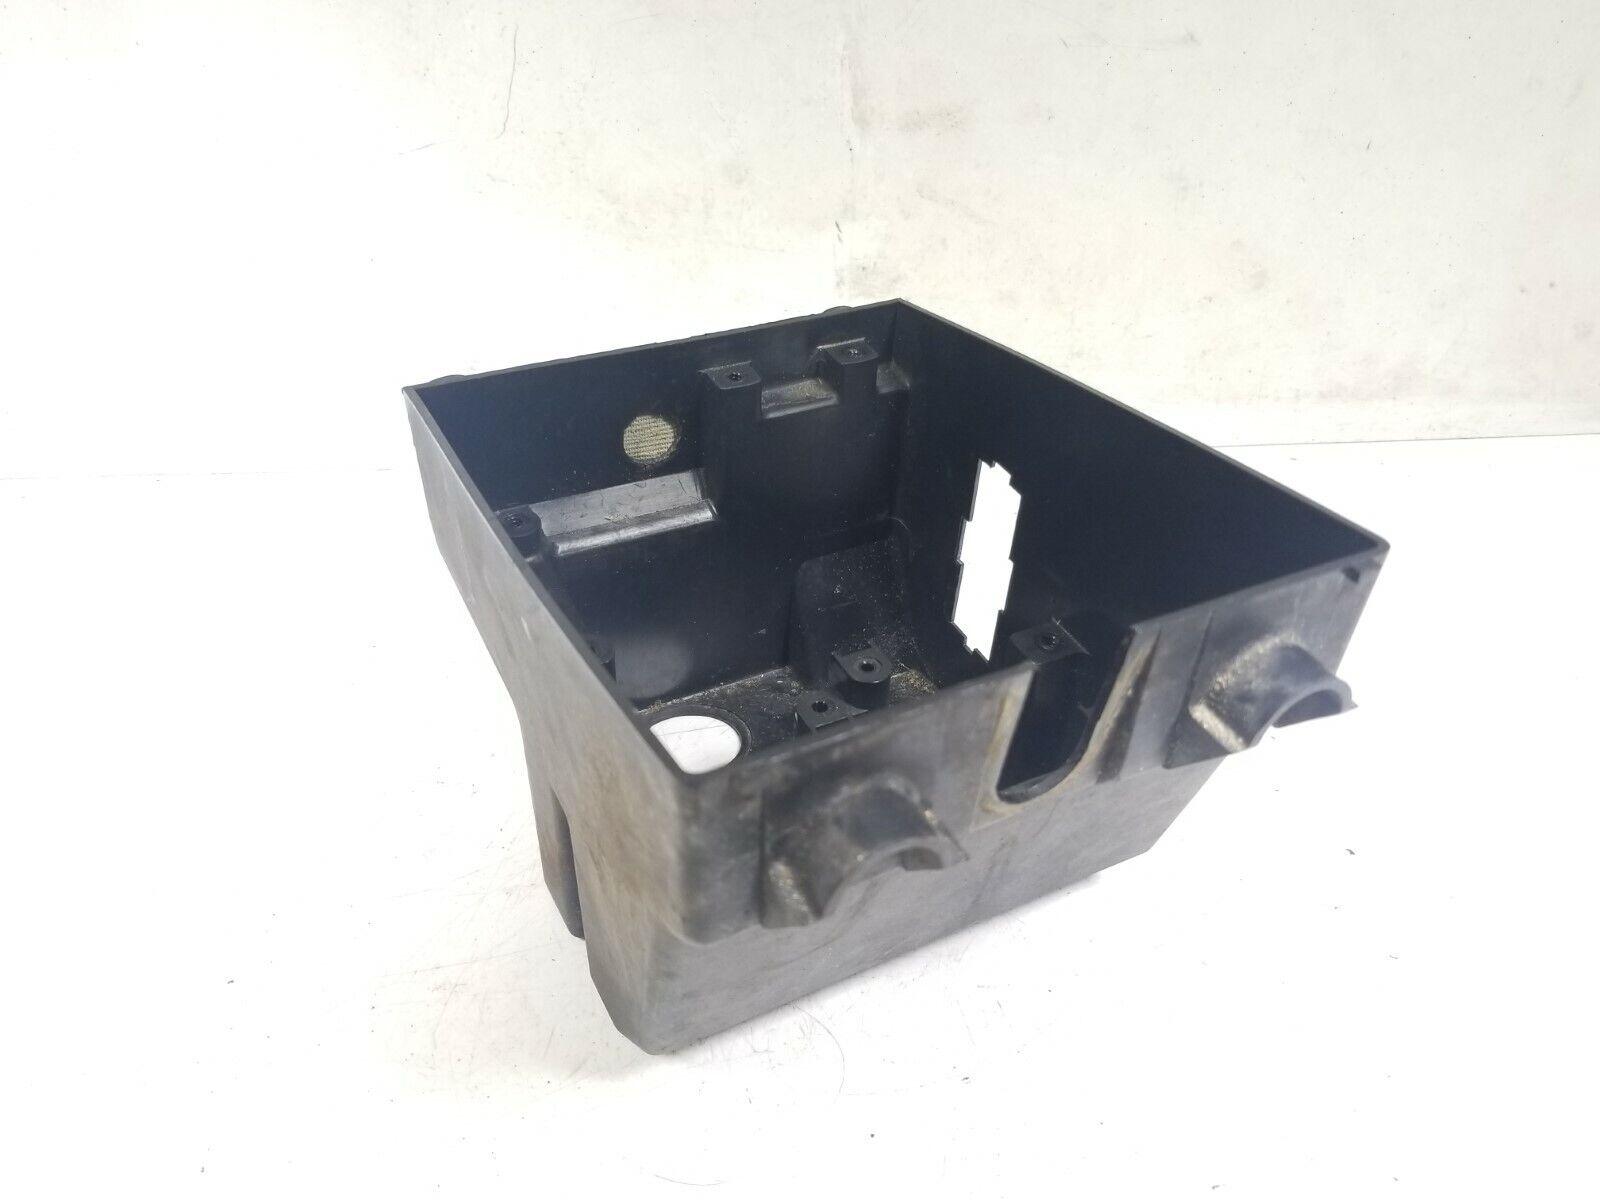 1985 bmw k100 rt rs fuse box housing 6113459002 | ebay  ebay